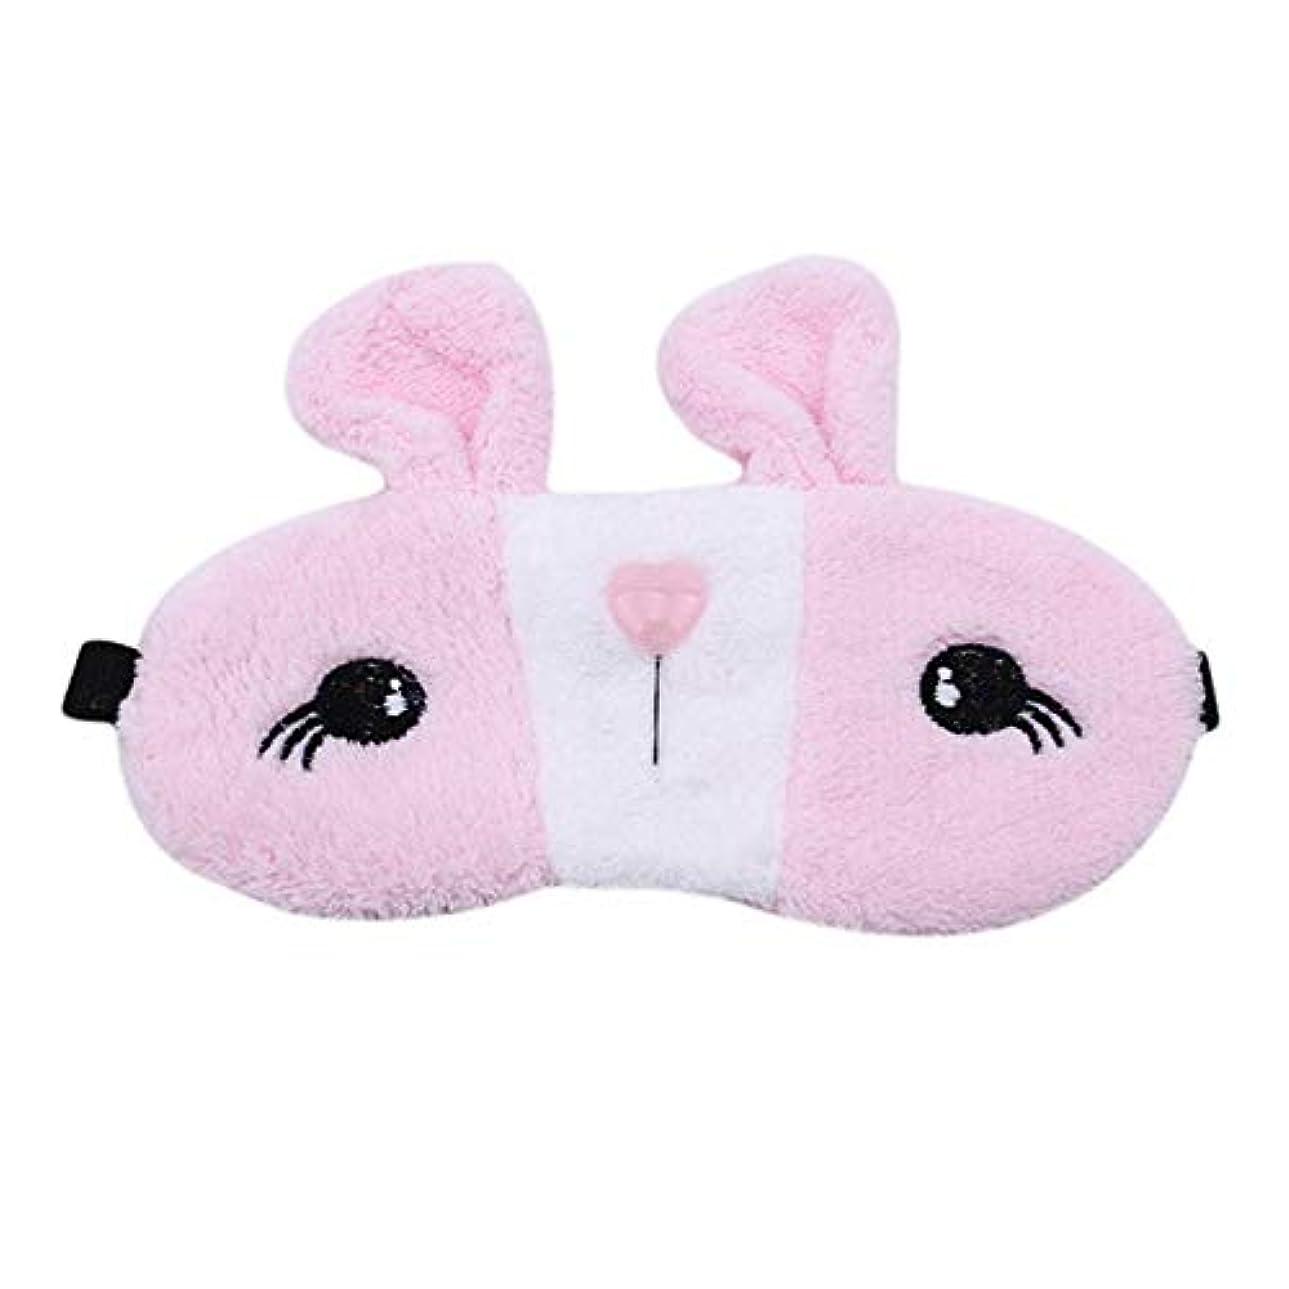 超越する犬責任NOTE 1ピースリラックスかわいいウサギ睡眠アイ睡眠マスクディープスリープアイパッチアイマスクアイケアツール